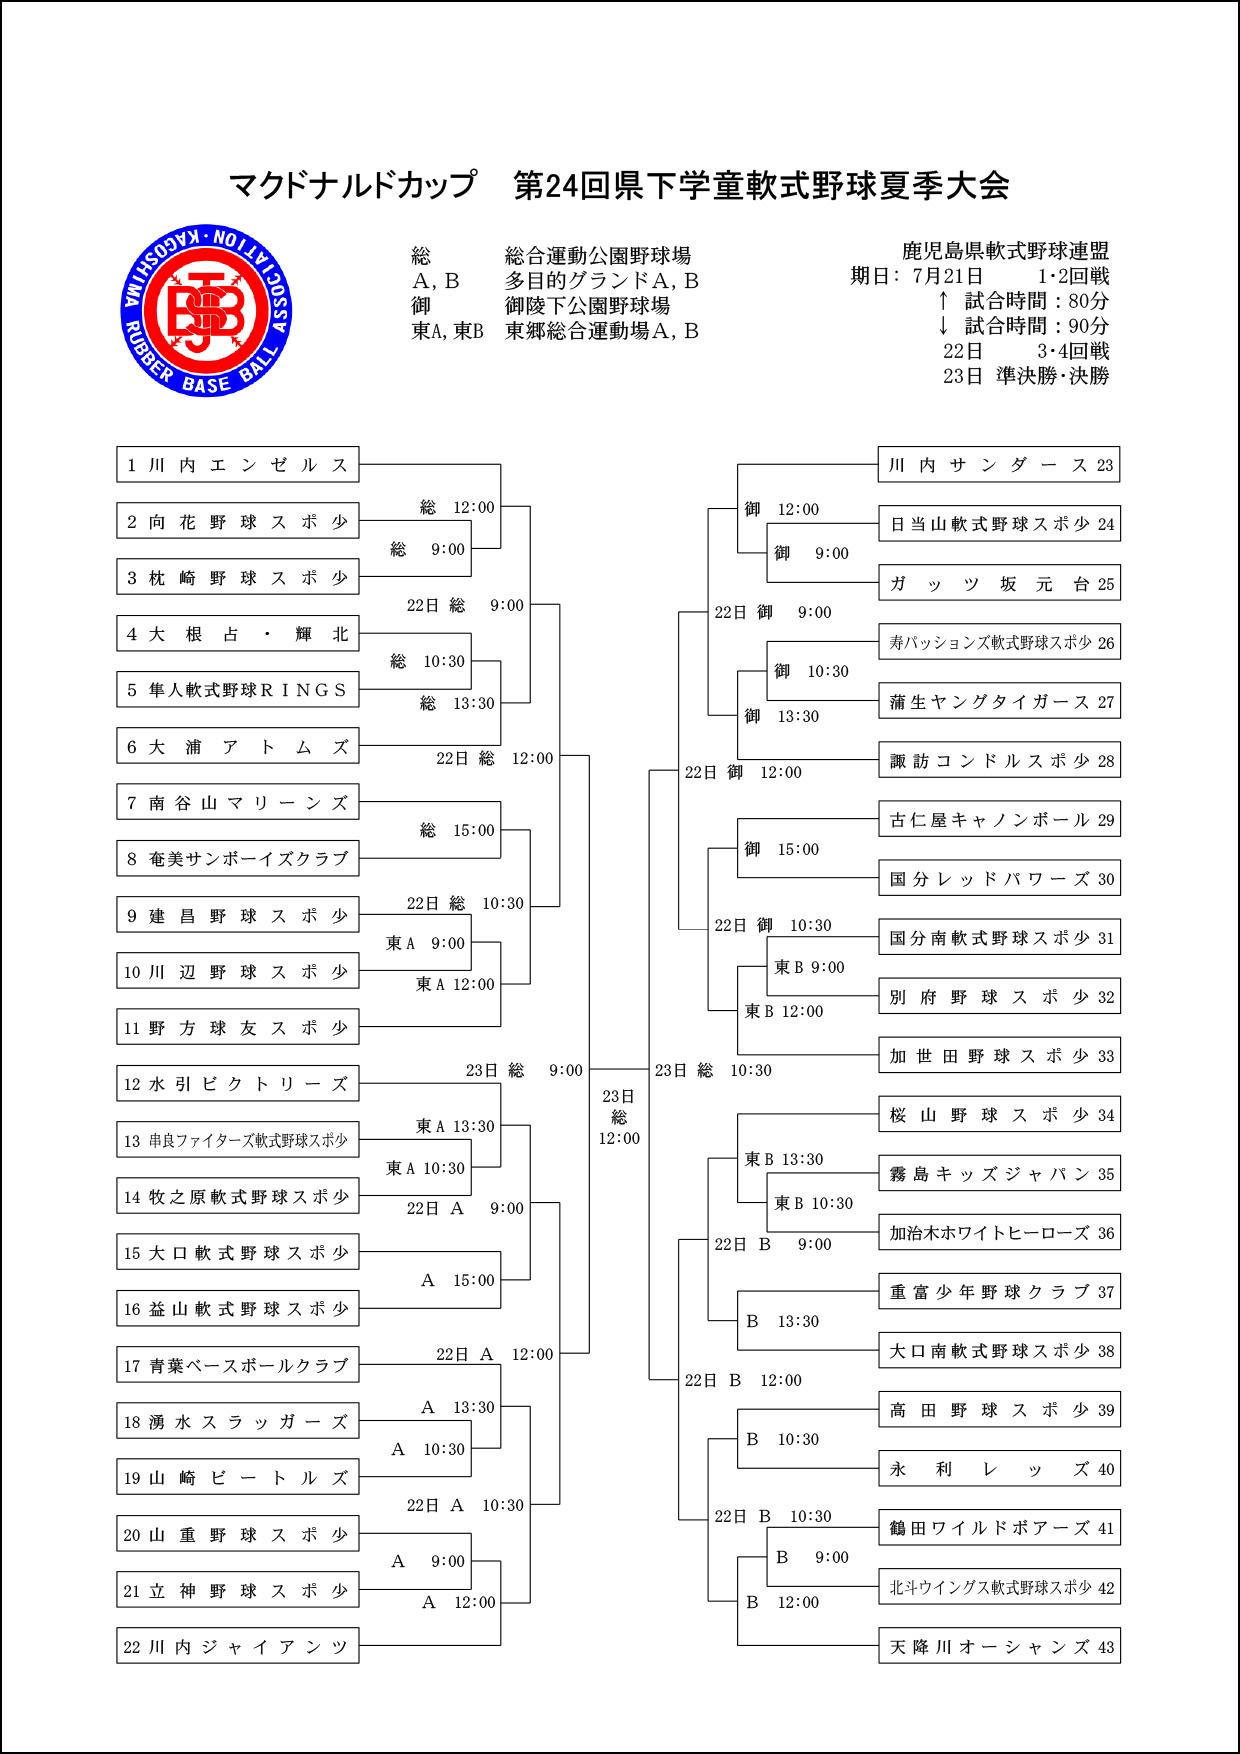 【組み合わせ】第24回県下学童軟式野球夏季大会